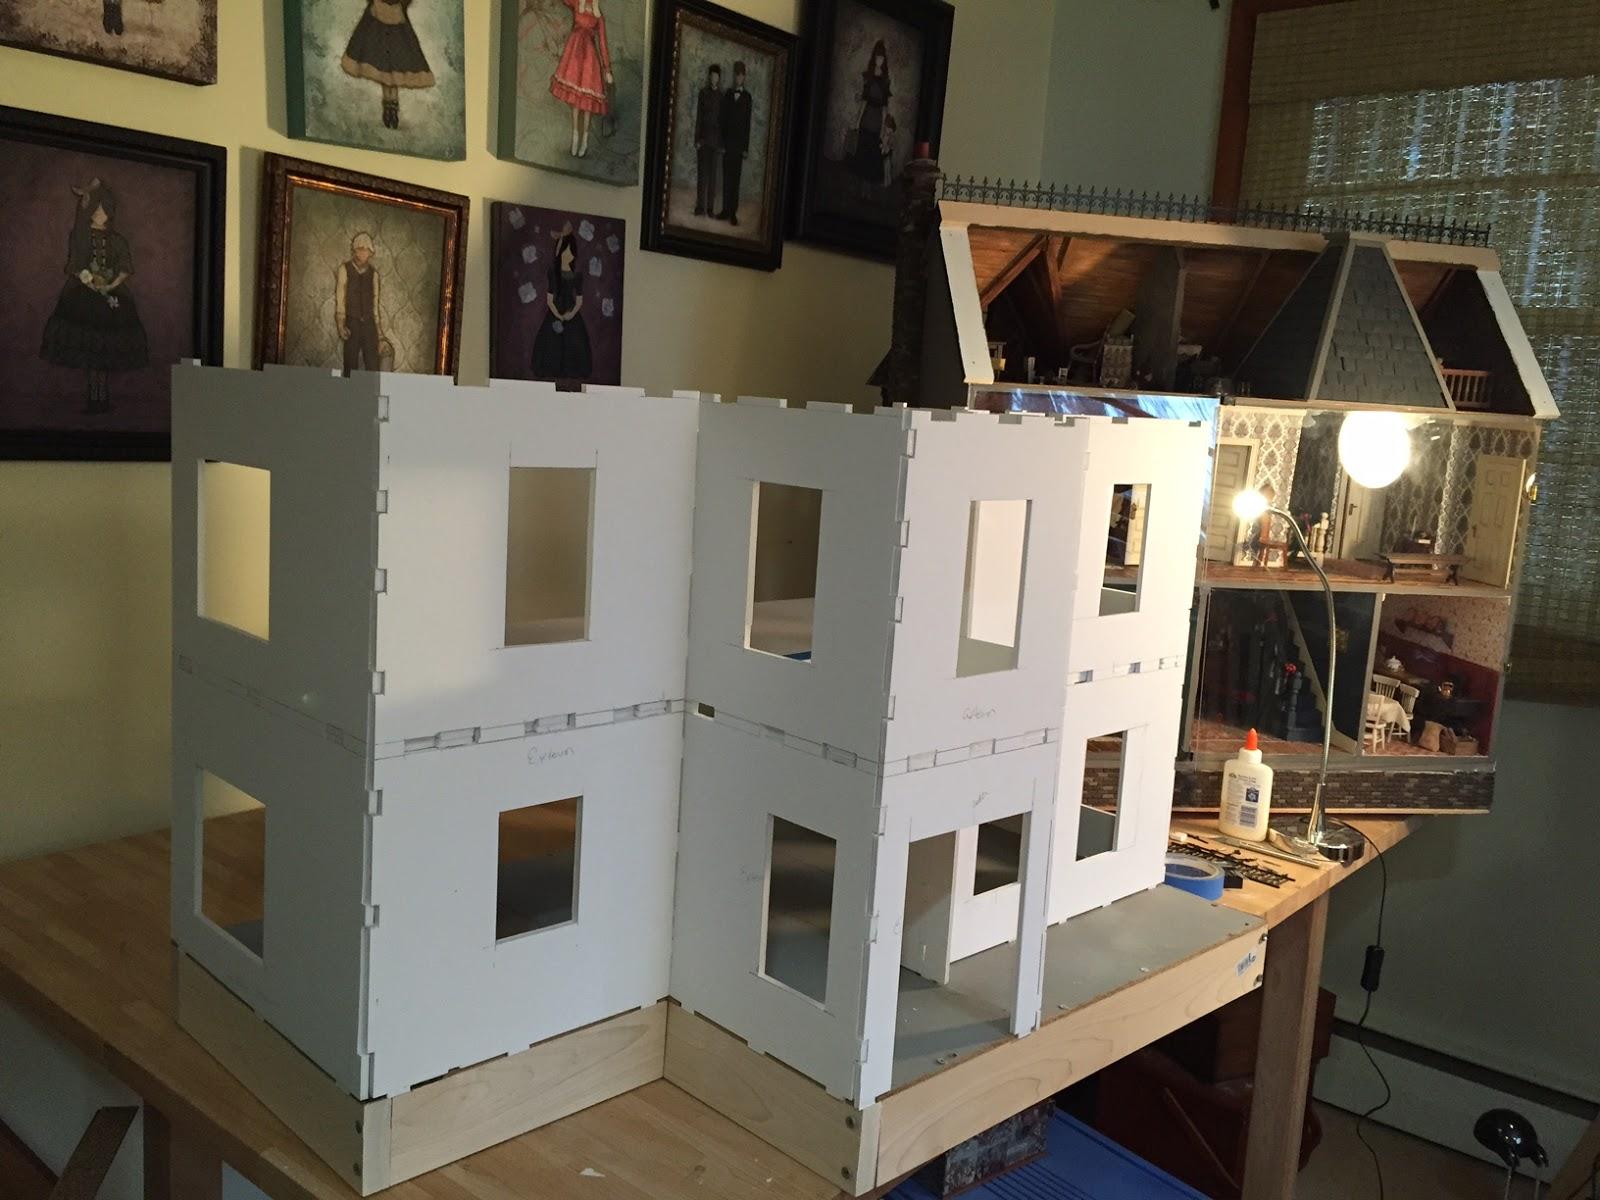 Building A Dollhouse Using Foam Board The Kinfeld